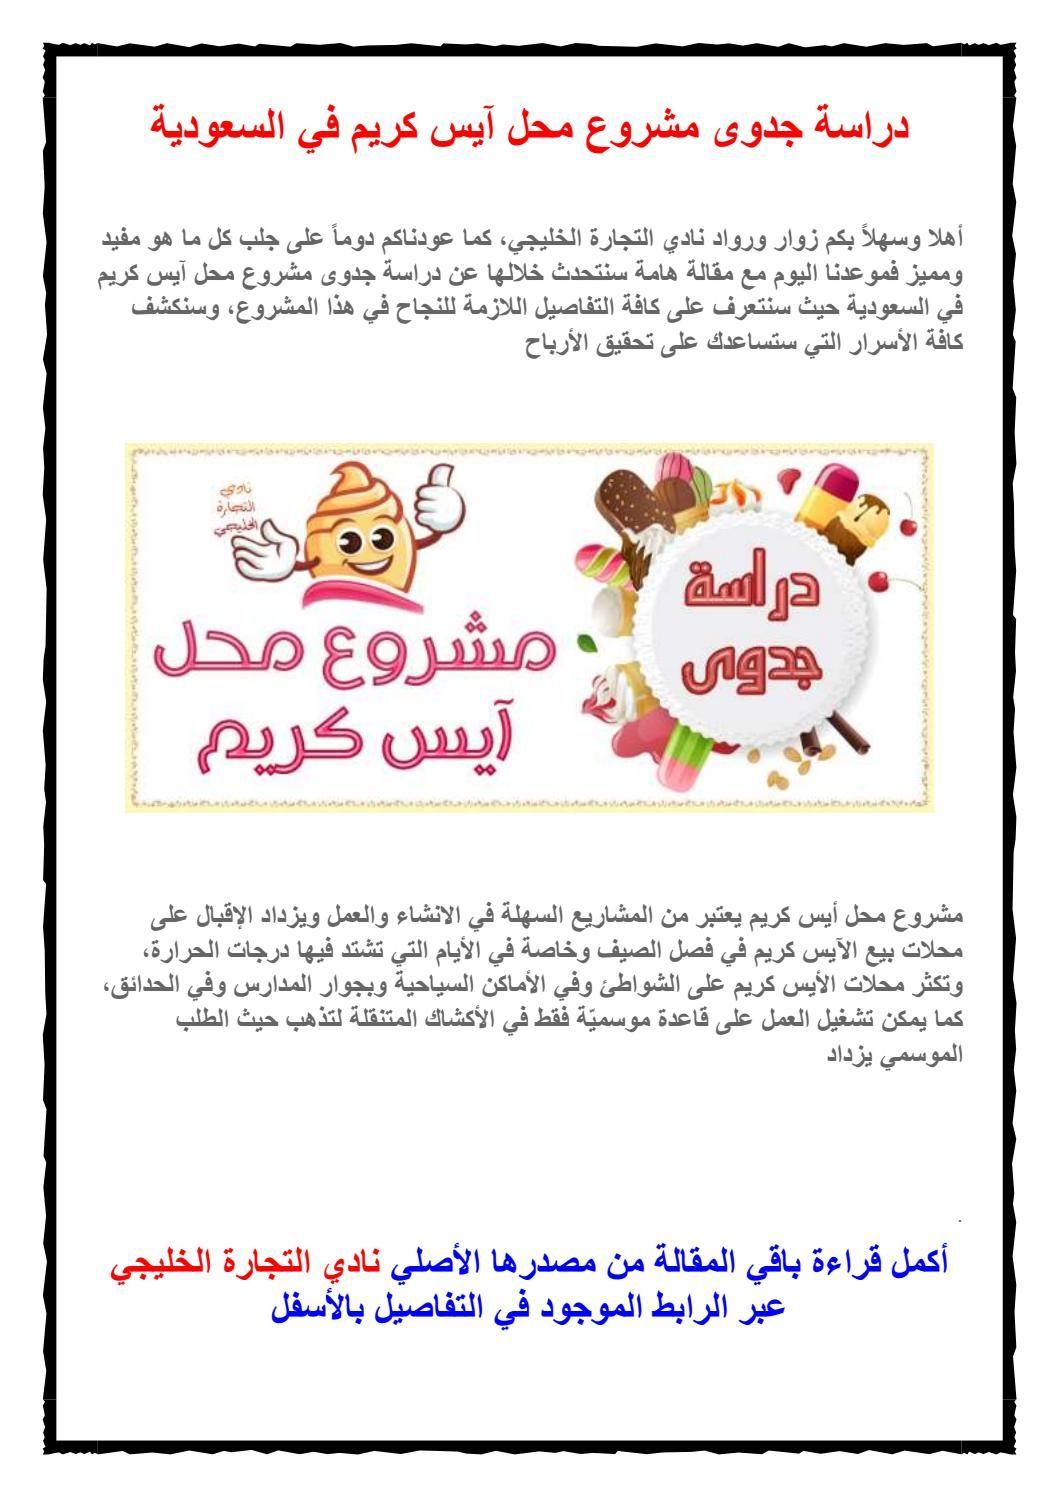 دراسة جدوى مشروع محل آيس كريم في السعودية Microsoft Word Document Words Word Search Puzzle